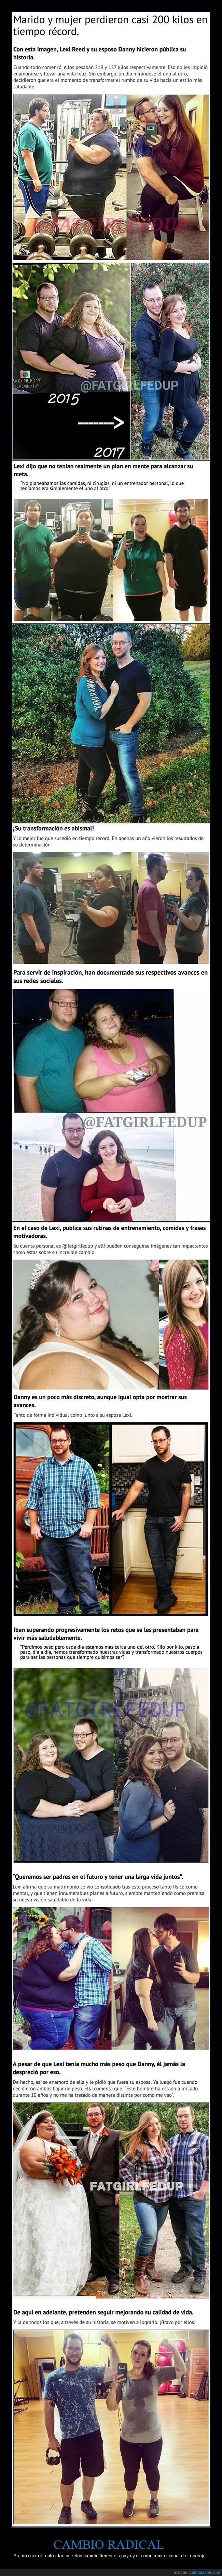 pareja que perdio de peso juntos y estan irreconocibles